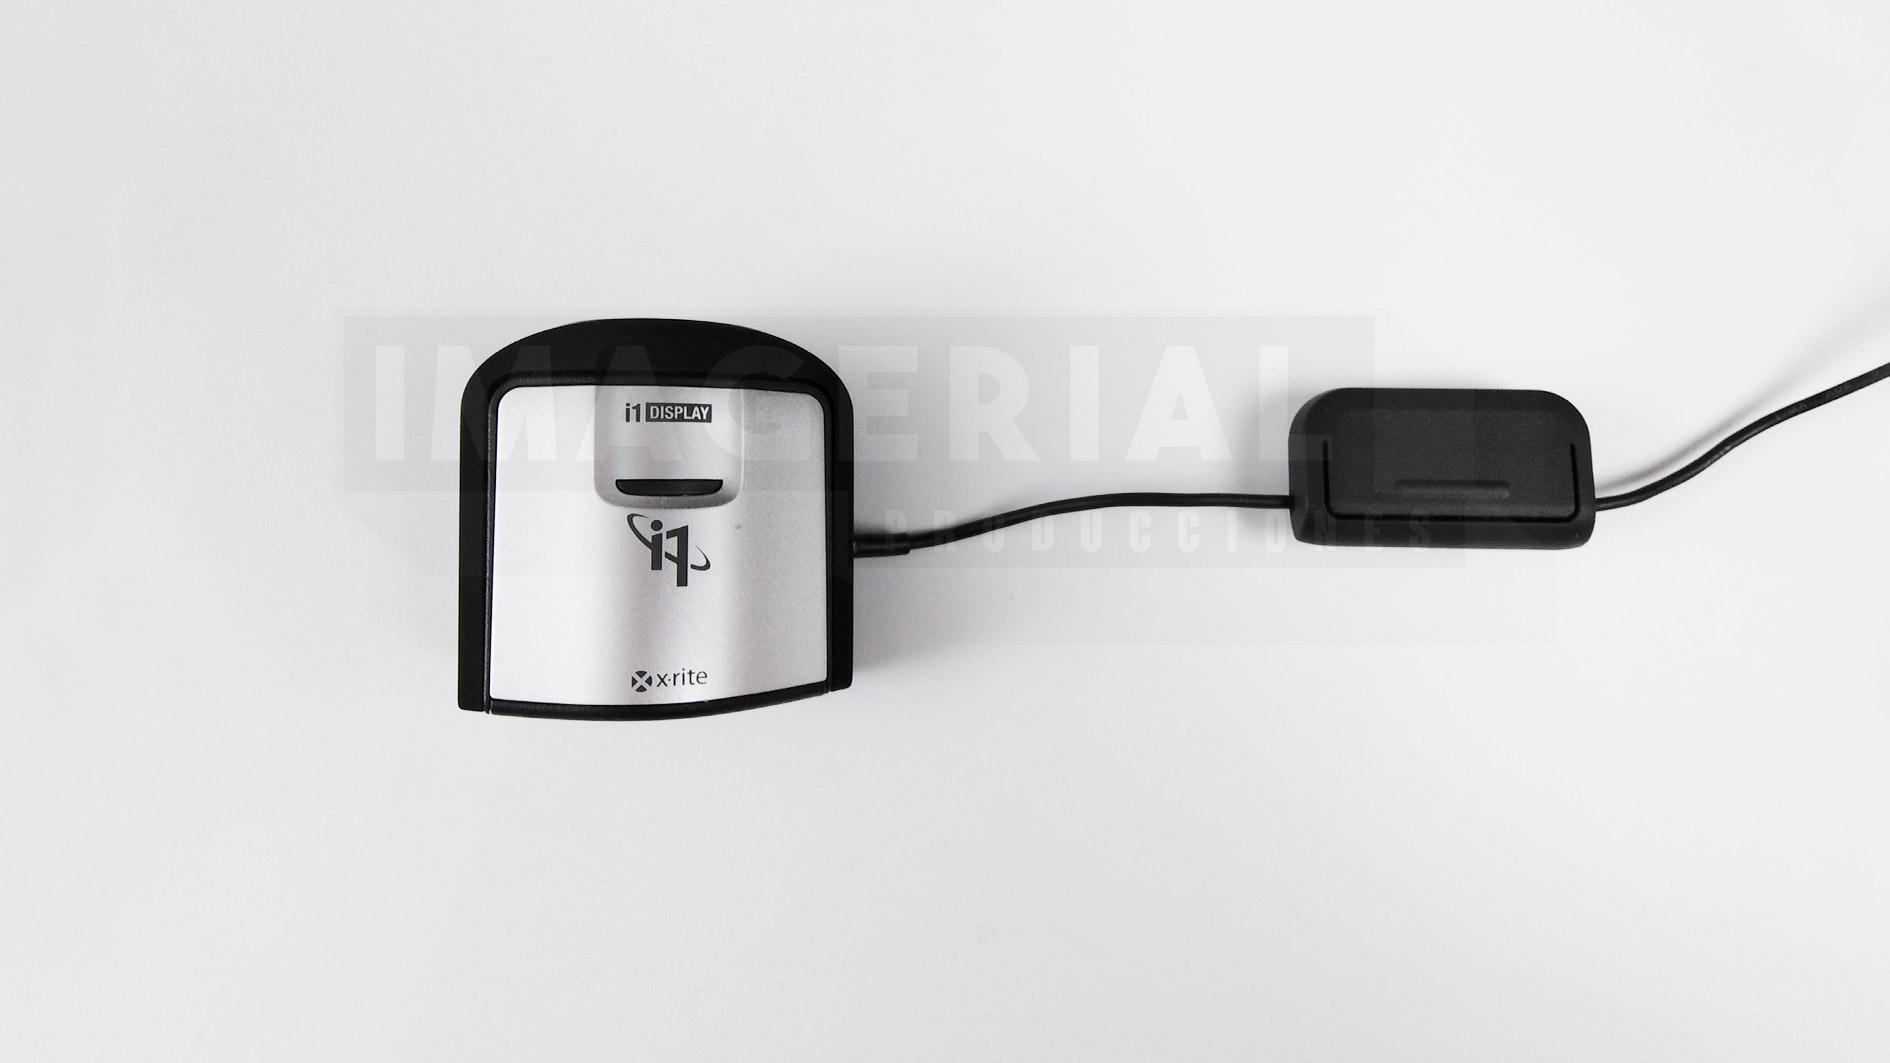 X-RITE I1DISPLAY PRO. IMAGERIAL PRODUCCIONES ALQUILER DE EQUIPOS AUDIOVISUALES EN MADRID.